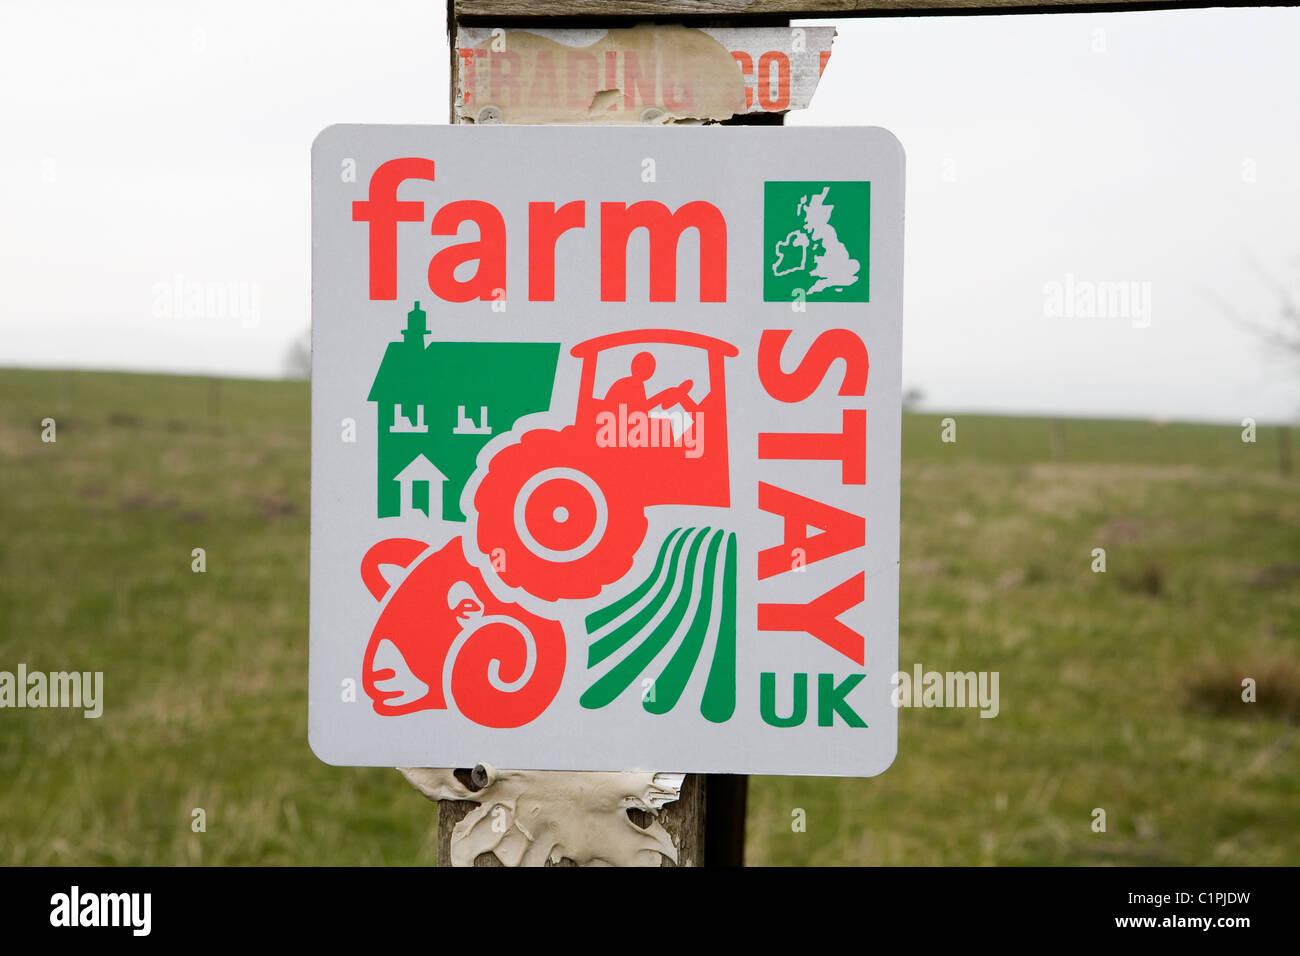 England, Derbyshire, Peak District National Park, Schilder Werbung Unterkunft am Bauernhof Stockbild